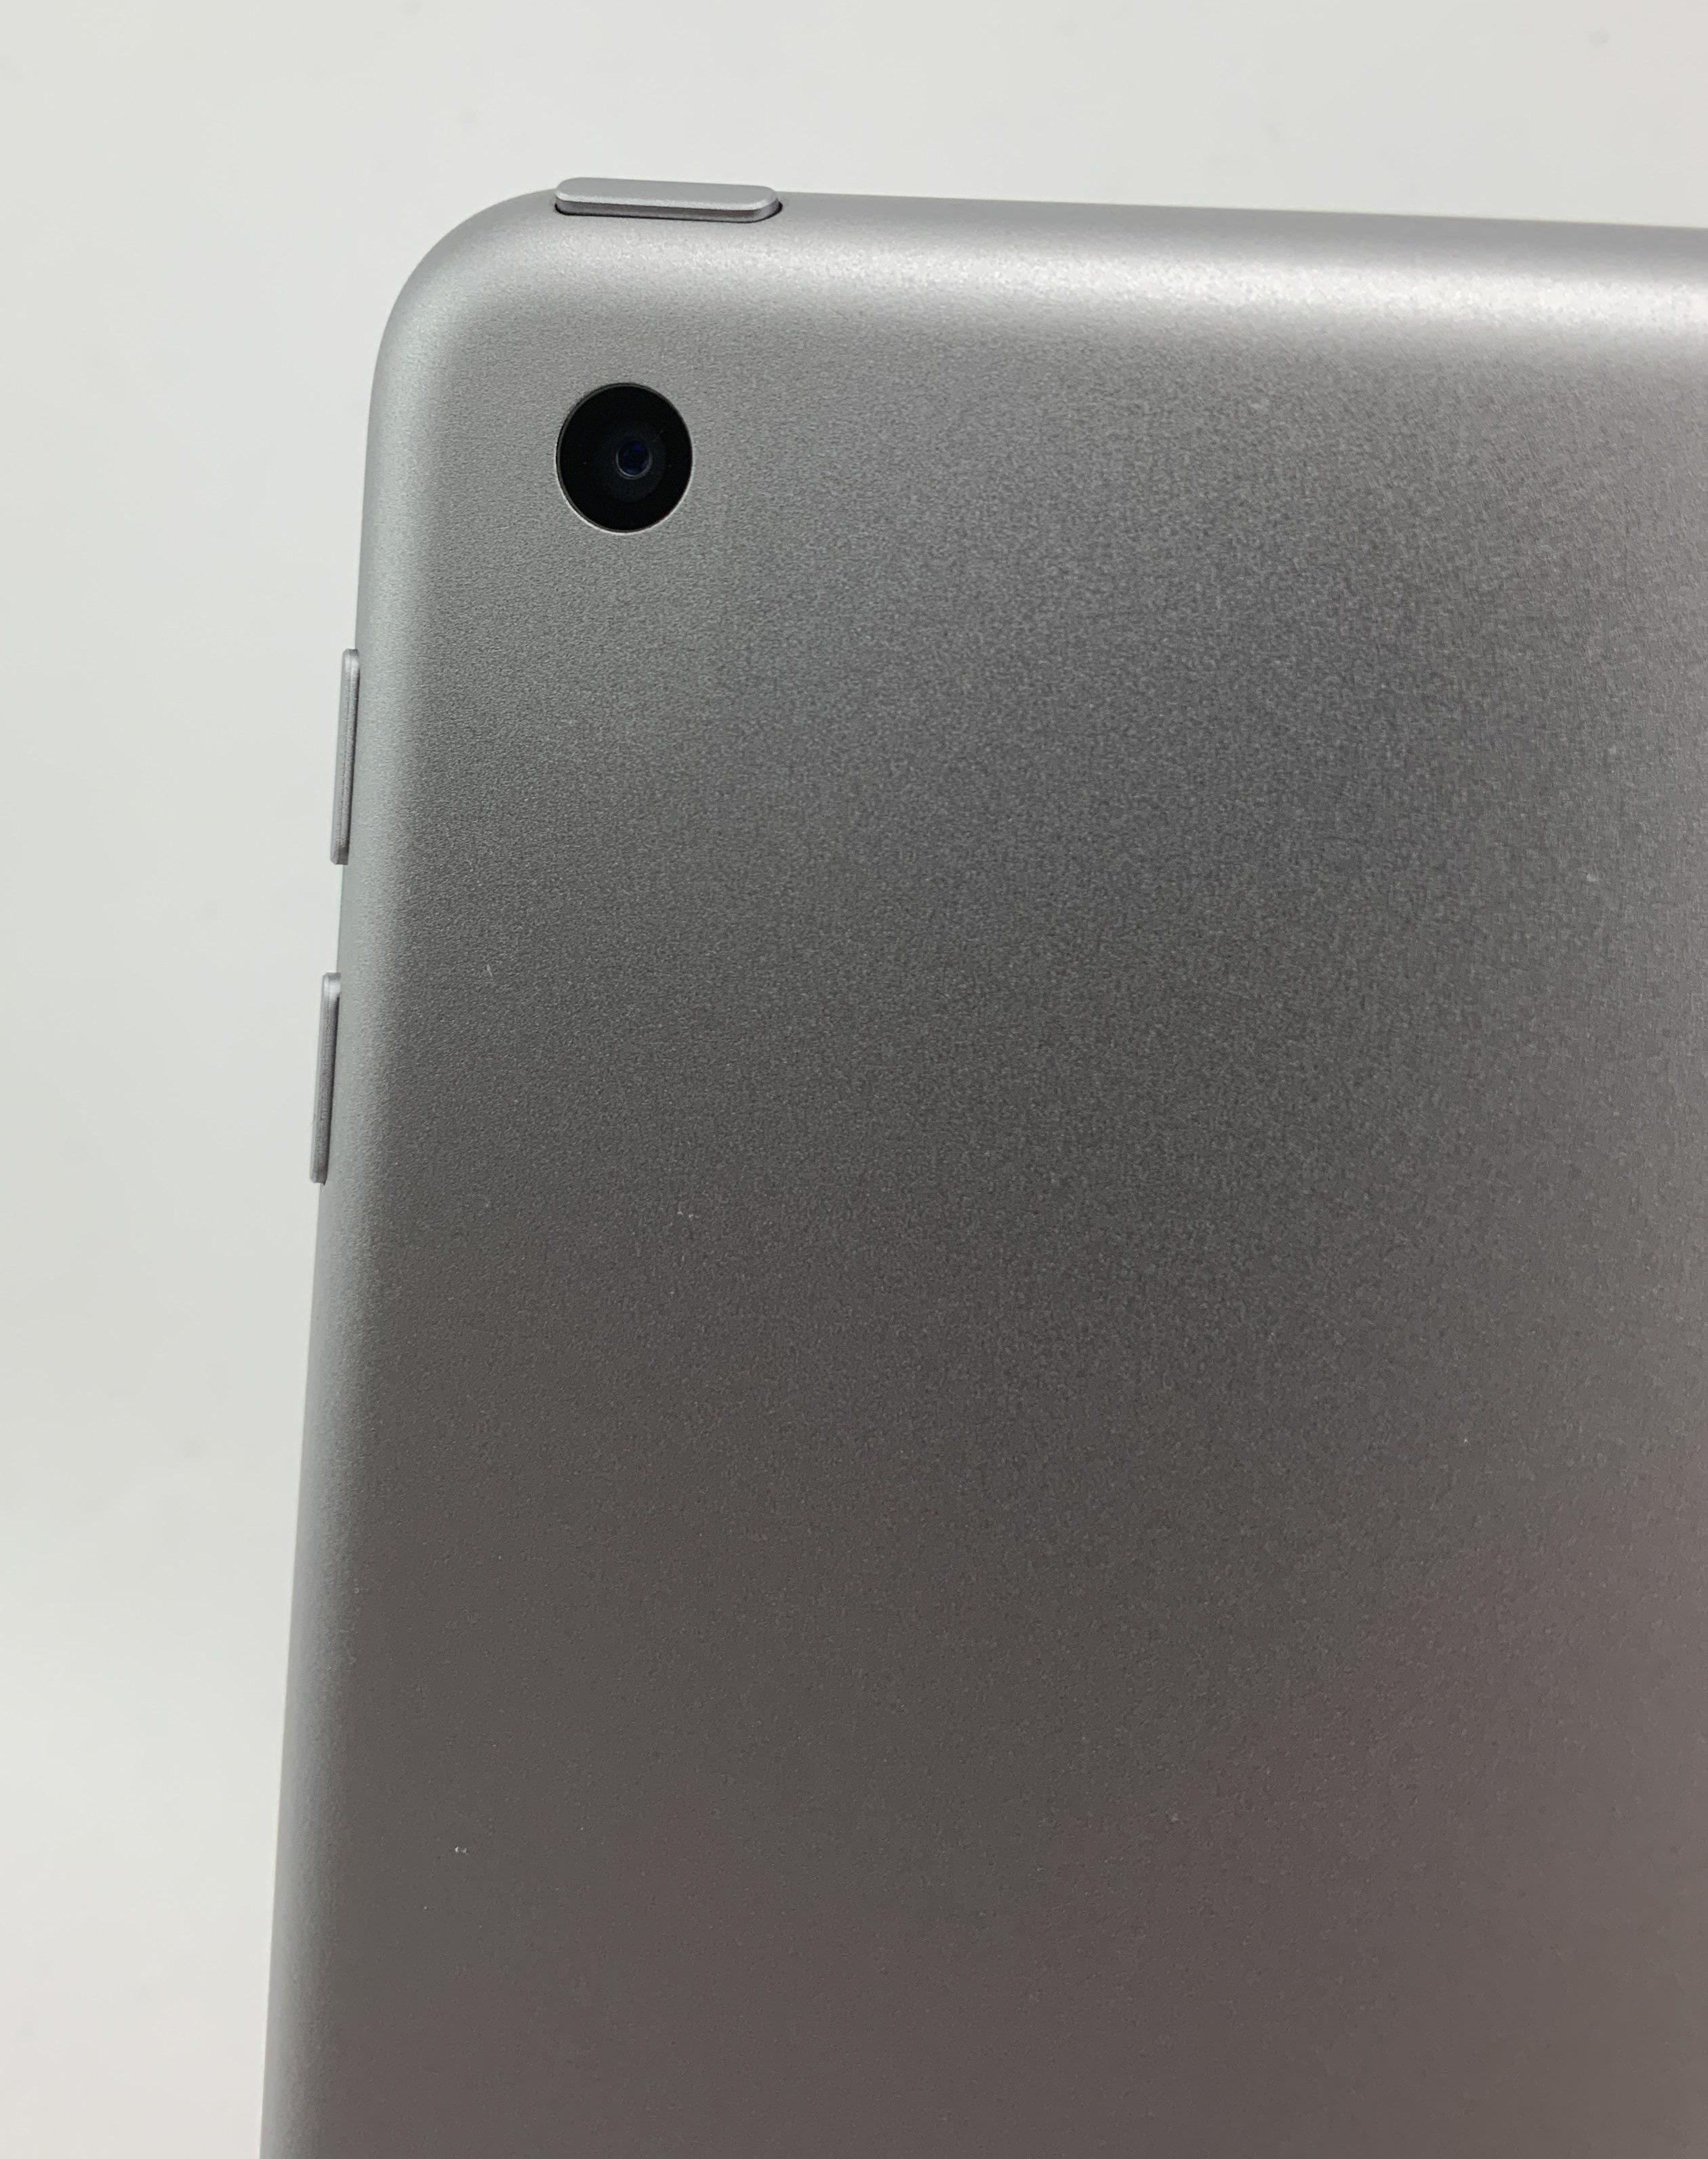 iPad 5 Wi-Fi 128GB, 128GB, Space Gray, Afbeelding 3